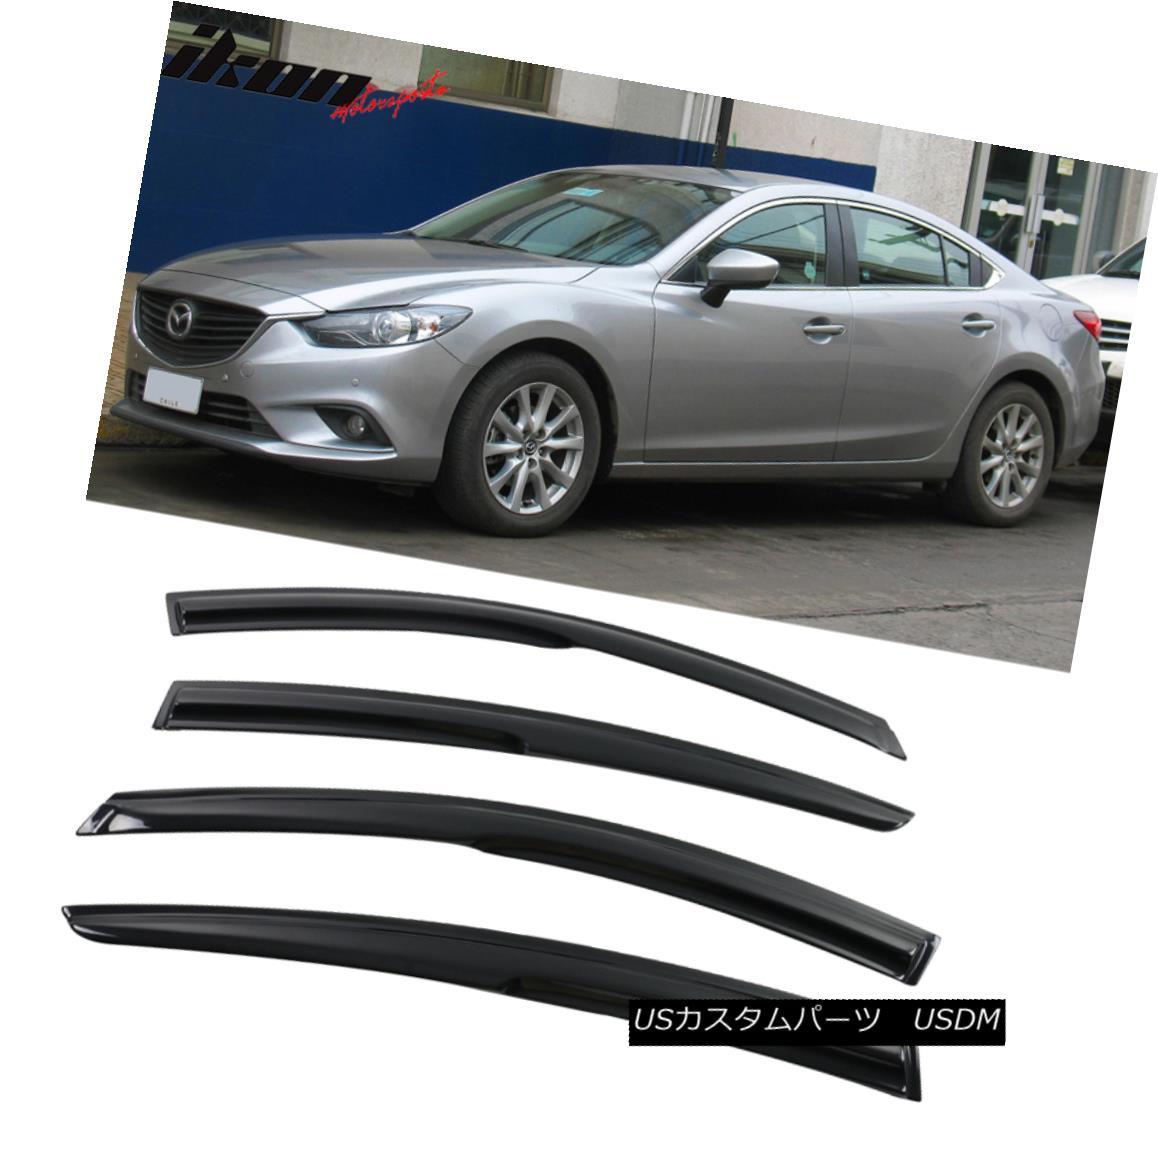 【オンライン限定商品】 エアロパーツ Fits 14-17 Mazda 6 Sedan Mugen Style Acrylic Window Visors 4Pc Set フィット14-17マツダ6セダンムゲンスタイルアクリルウィンドウバイザー4PCセット, 立川町 431d842d